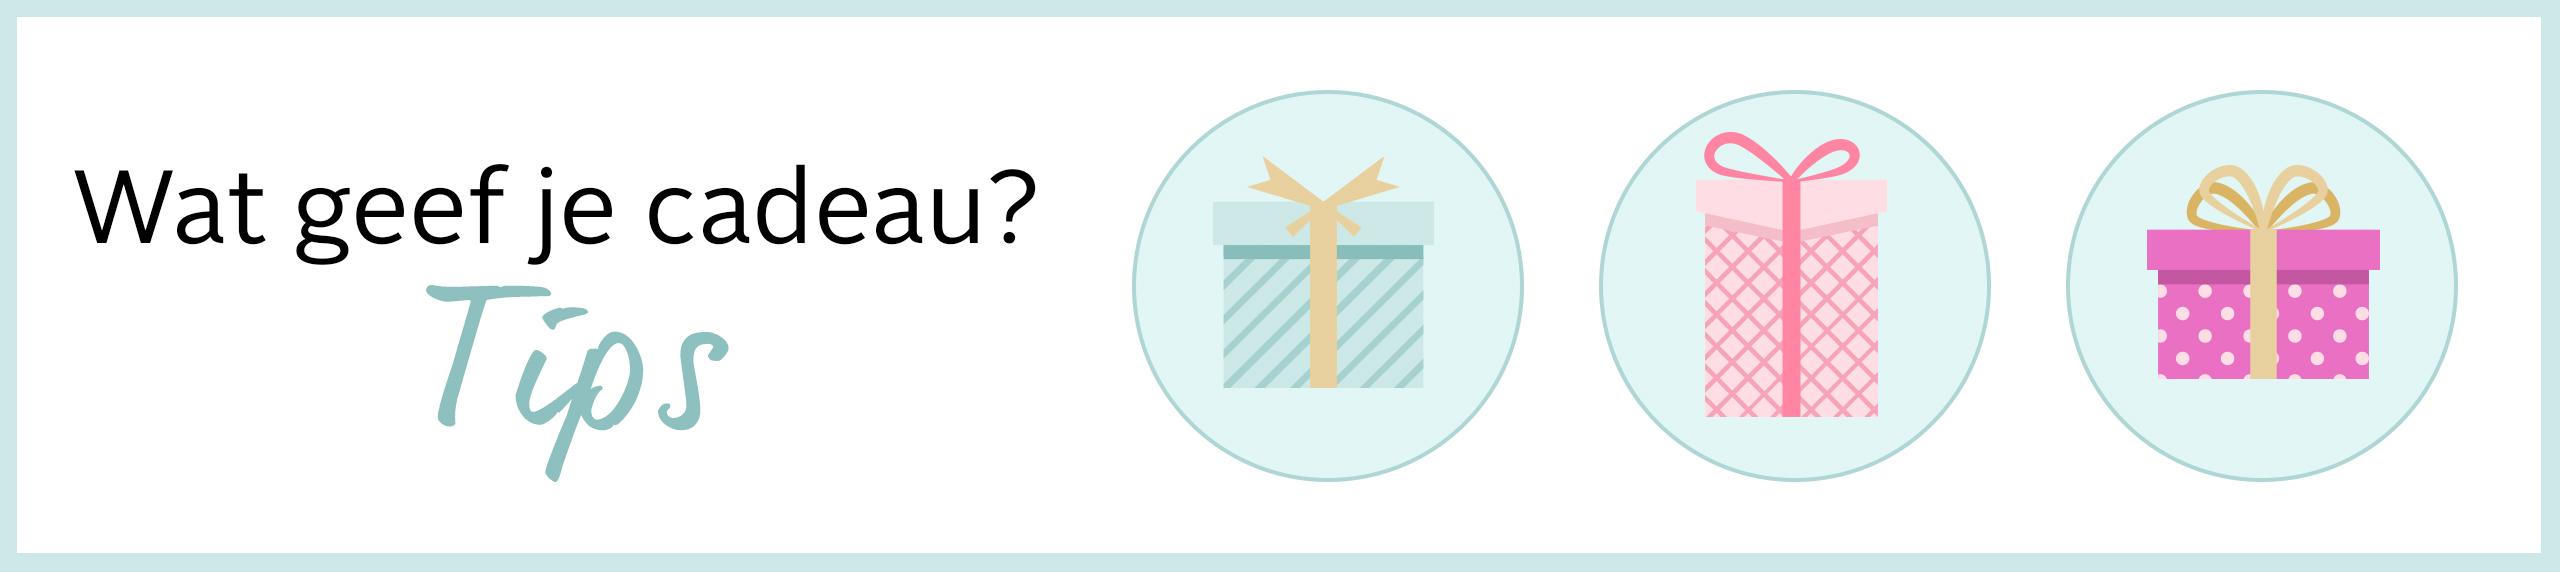 Wat geef je cadeau?